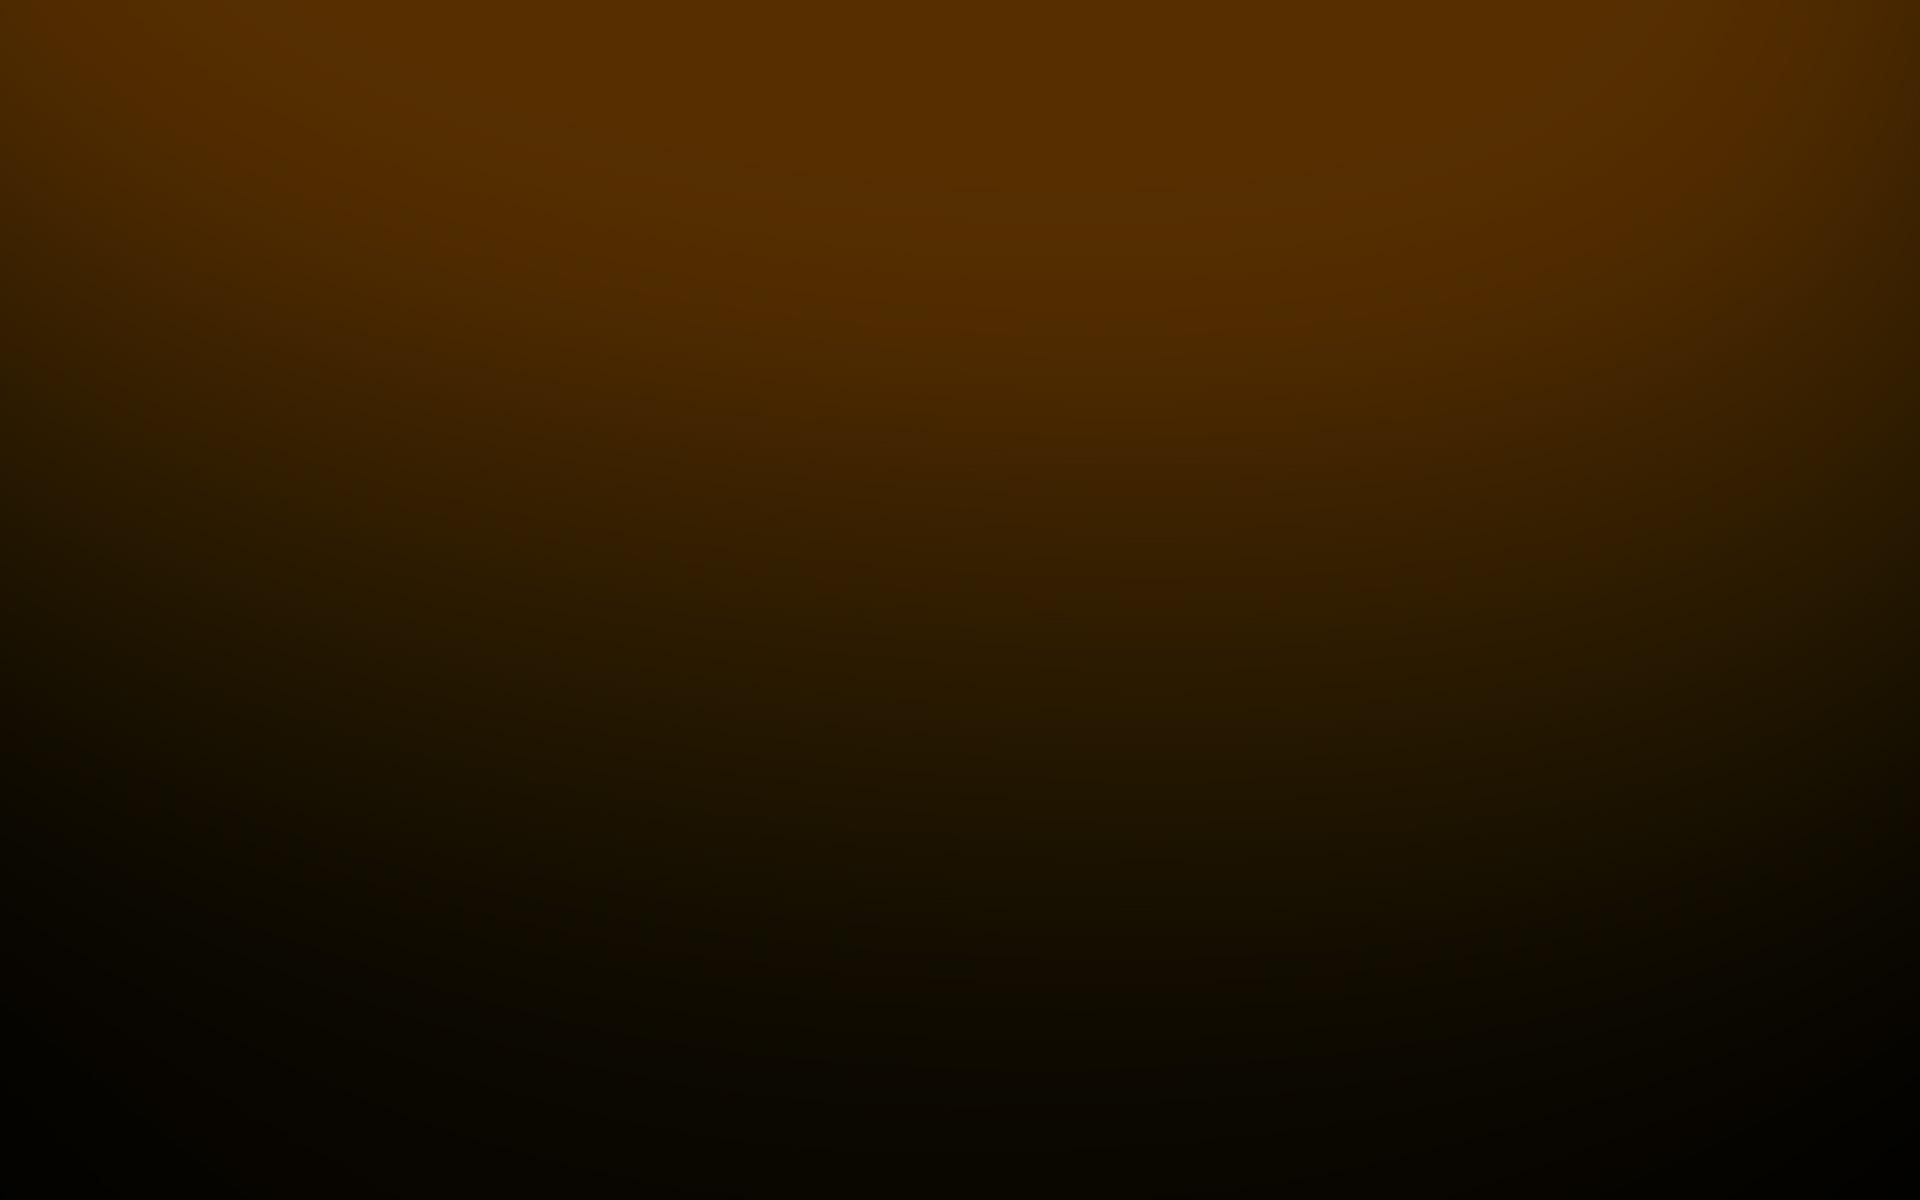 brown background wallpaper desktop wallpapers desktop 1920x1200 1920x1200